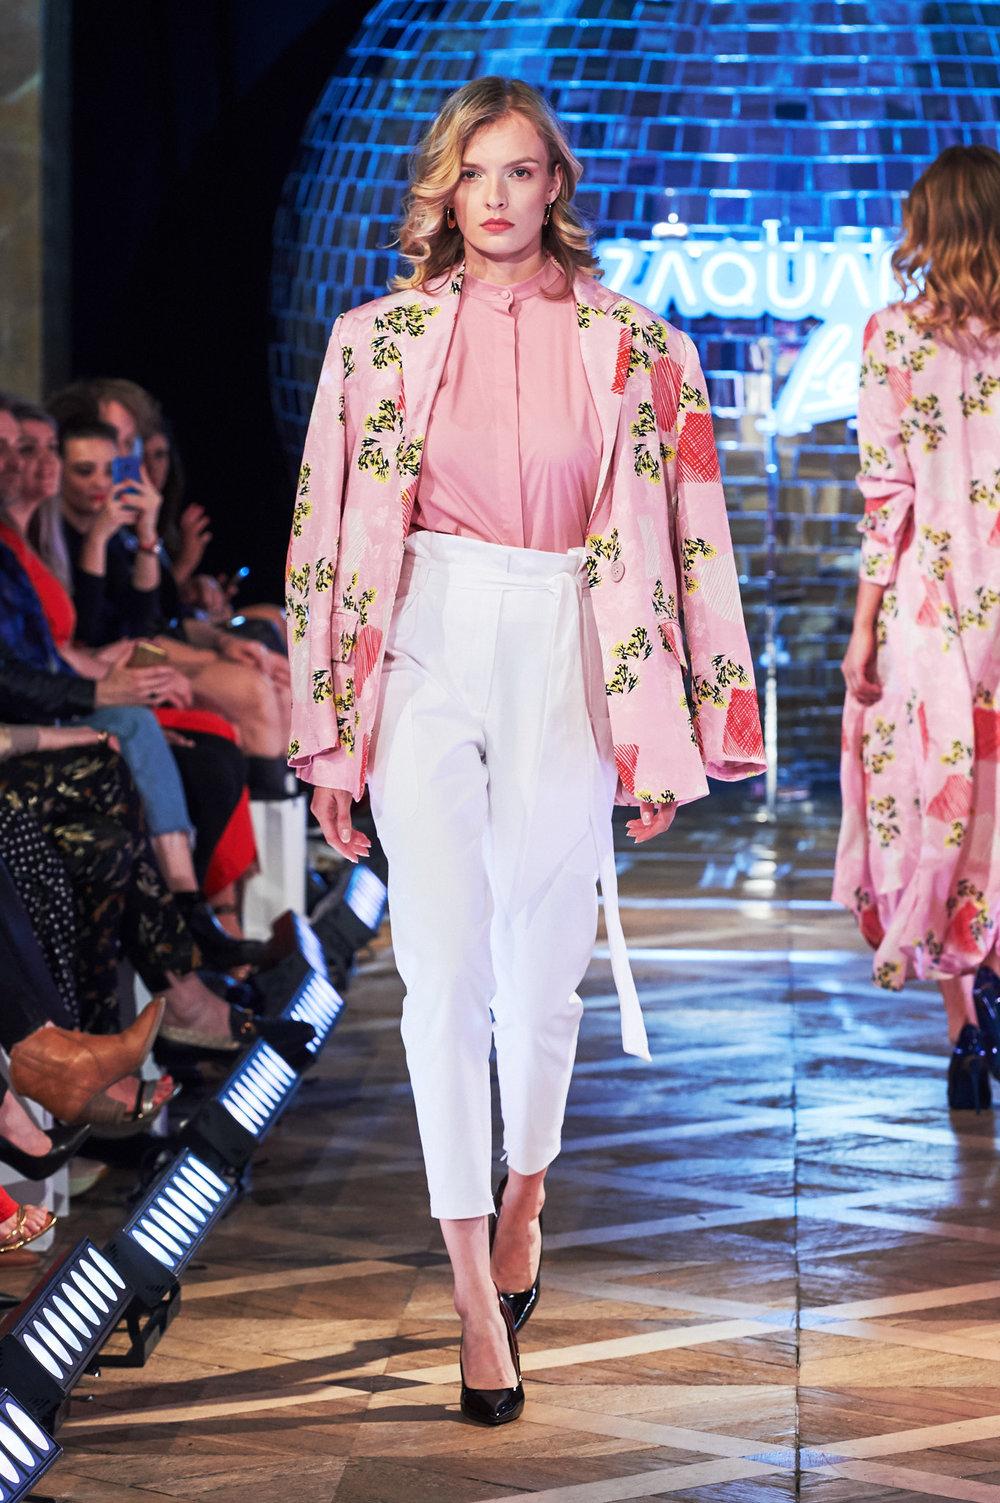 35_ZAQUAD_090519_lowres-fotFilipOkopny-FashionImages.jpg